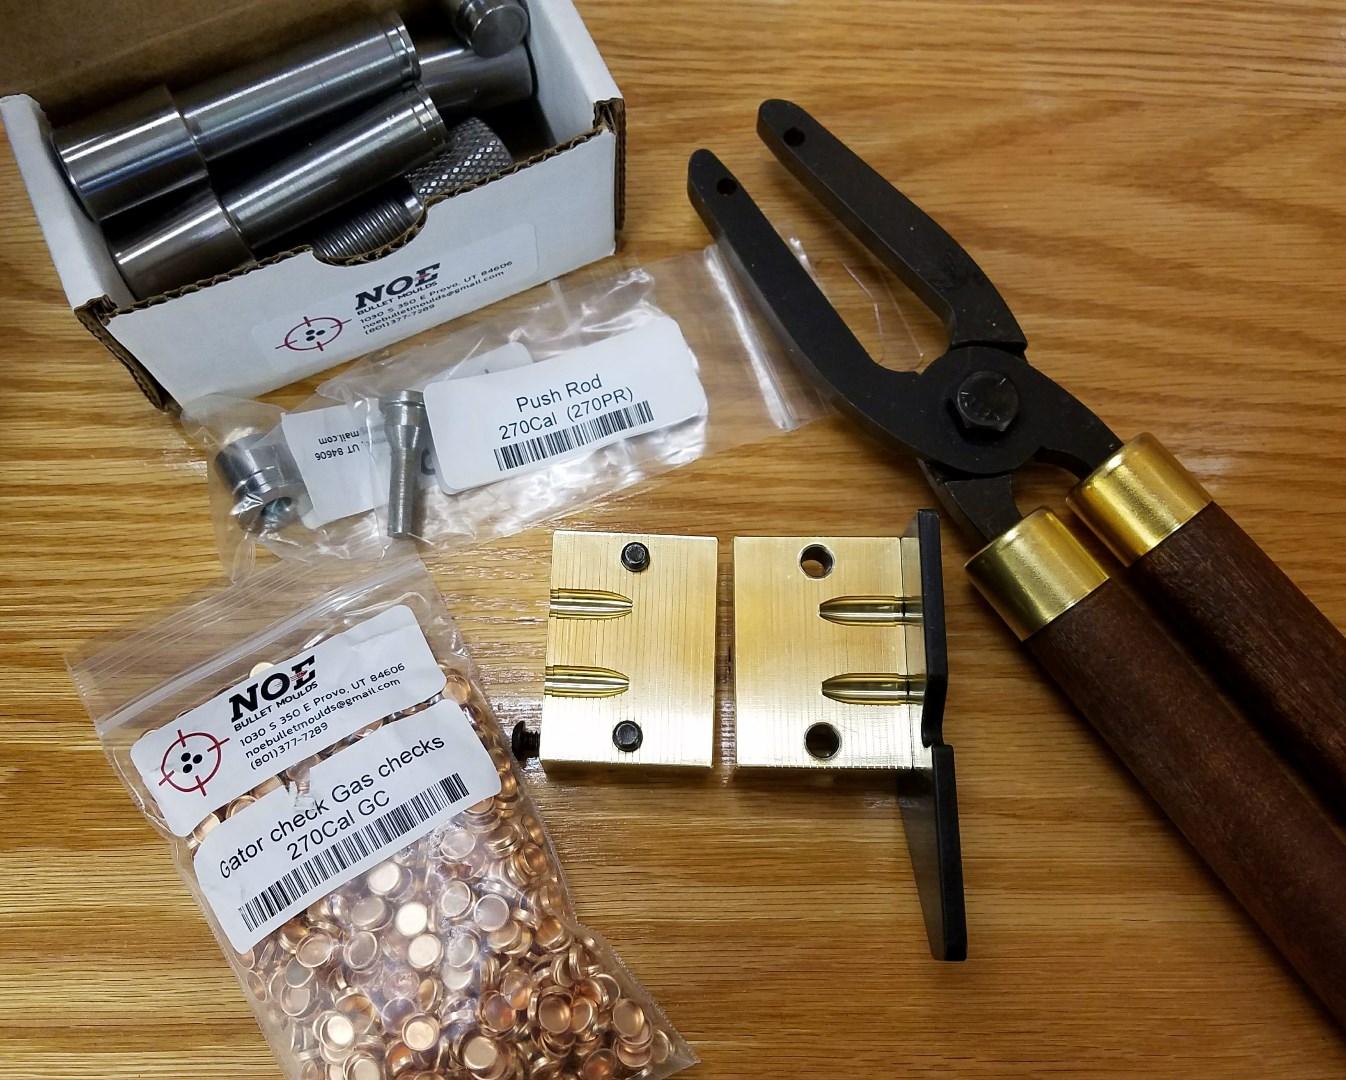 277 103gr bullet mold 02.jpg